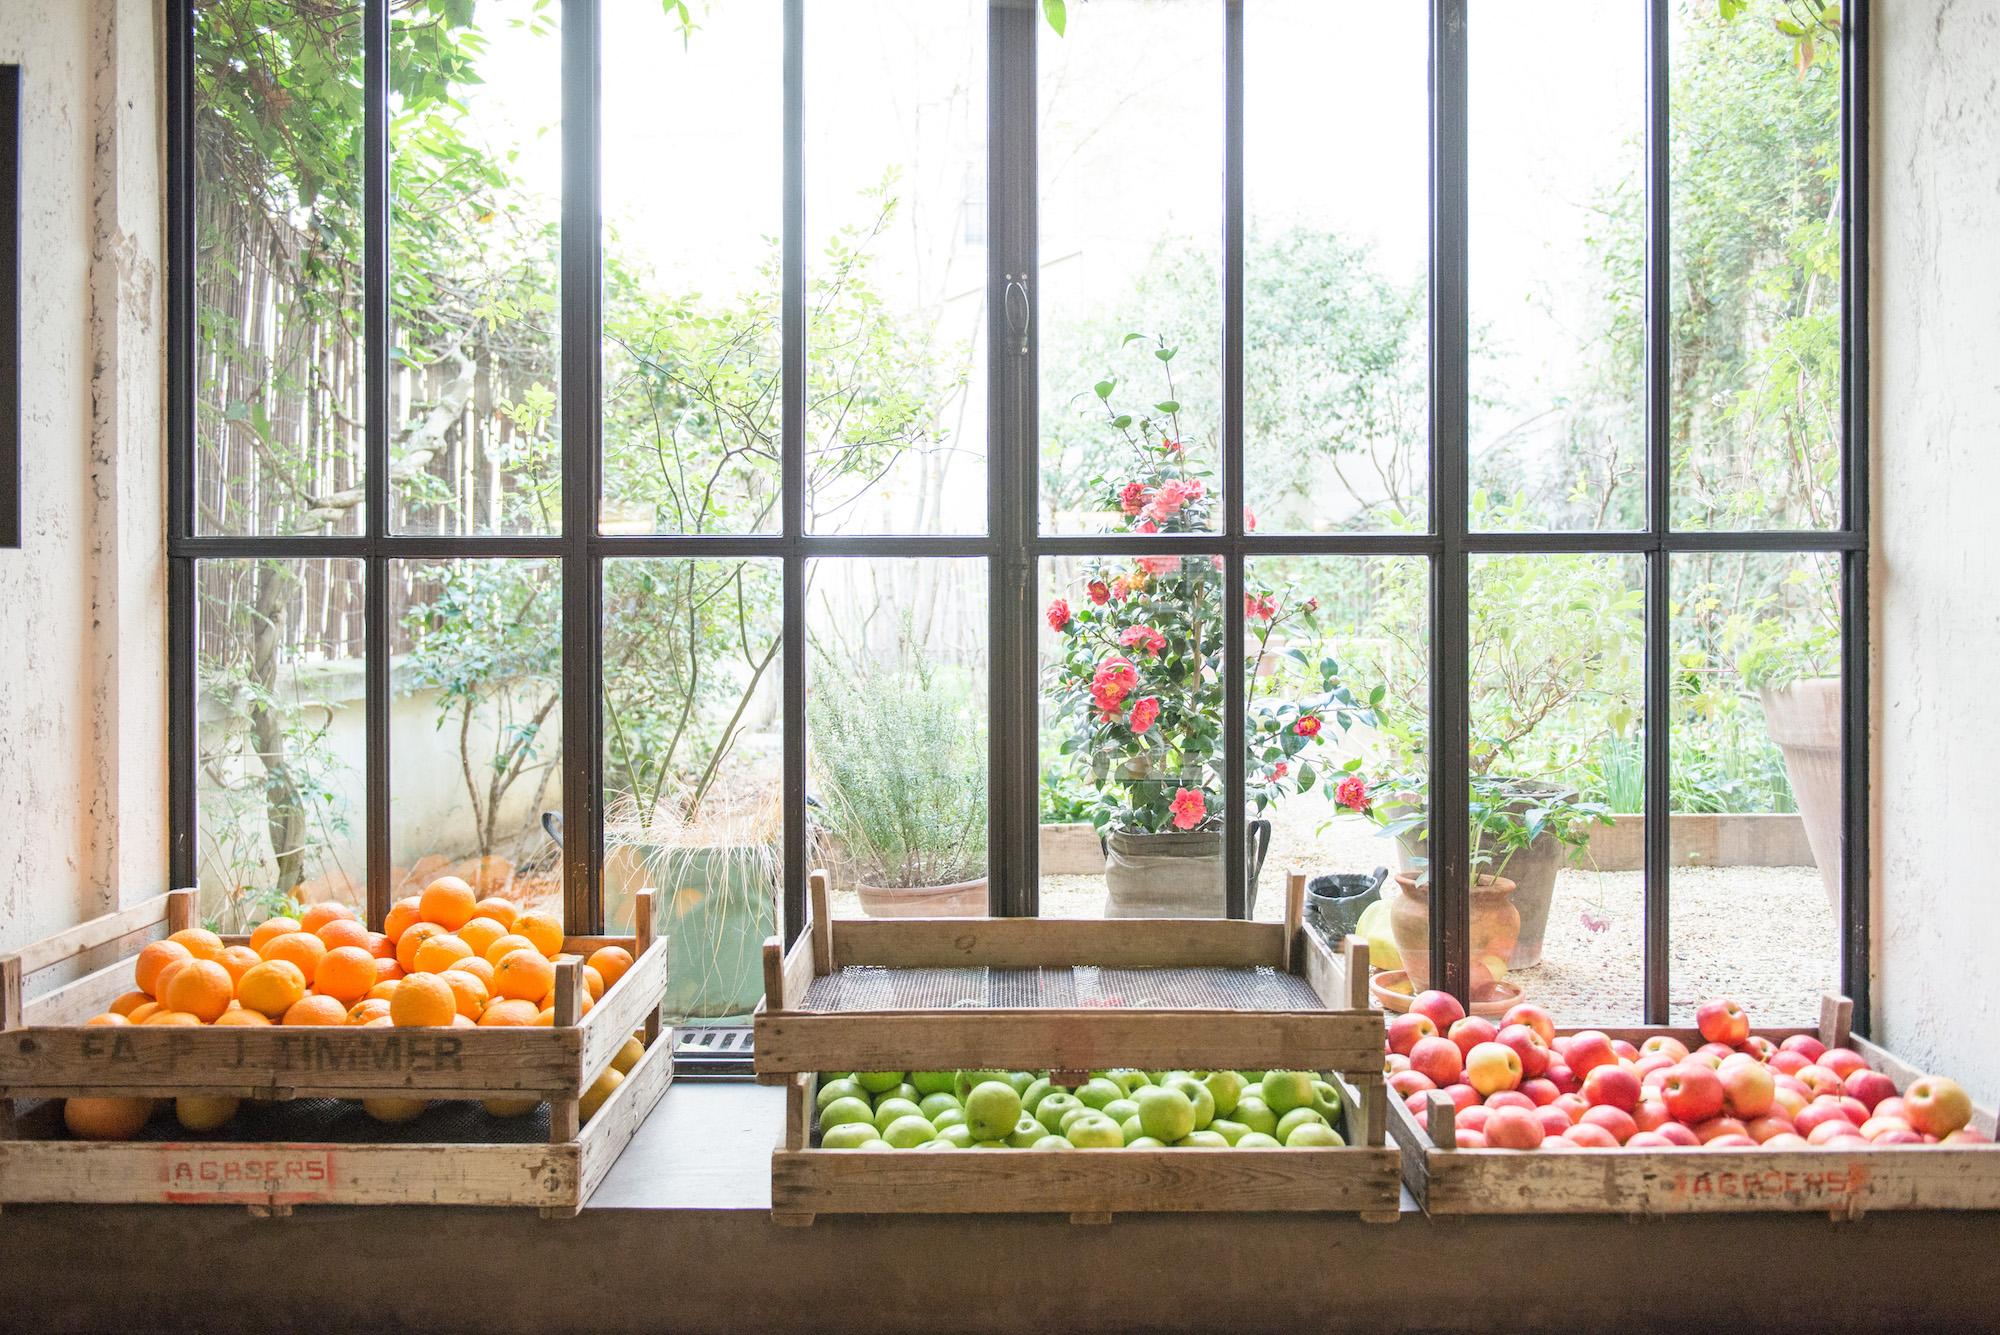 HiP Paris Blog » La Cantine de Merci. Lunch in Paris\' Trendiest ...